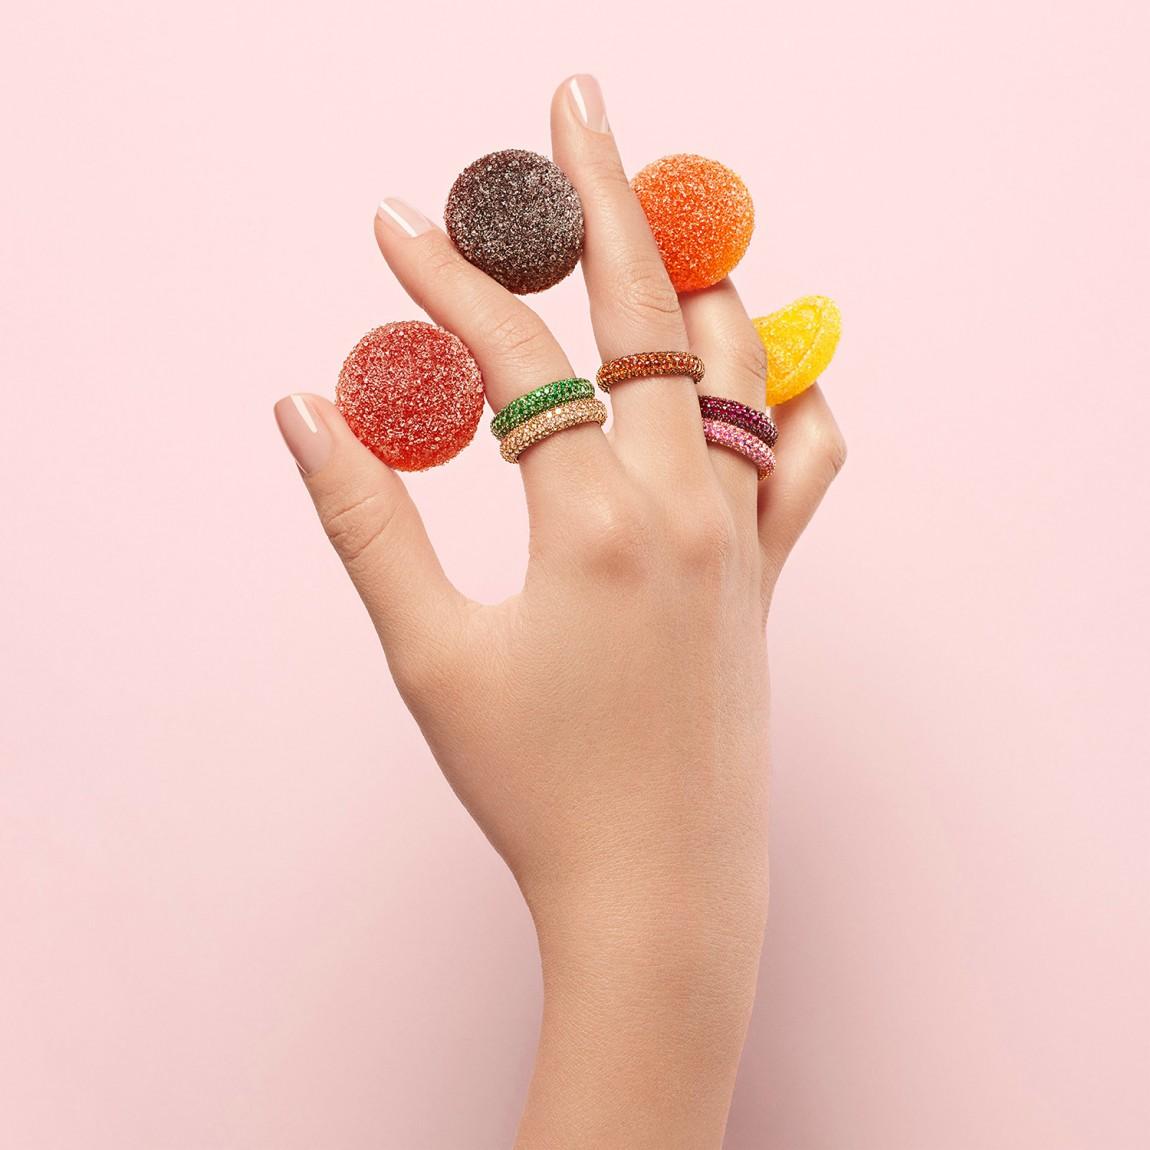 高端奢侈珠宝品牌(MDG1848)vi企业形象设计,品牌图片